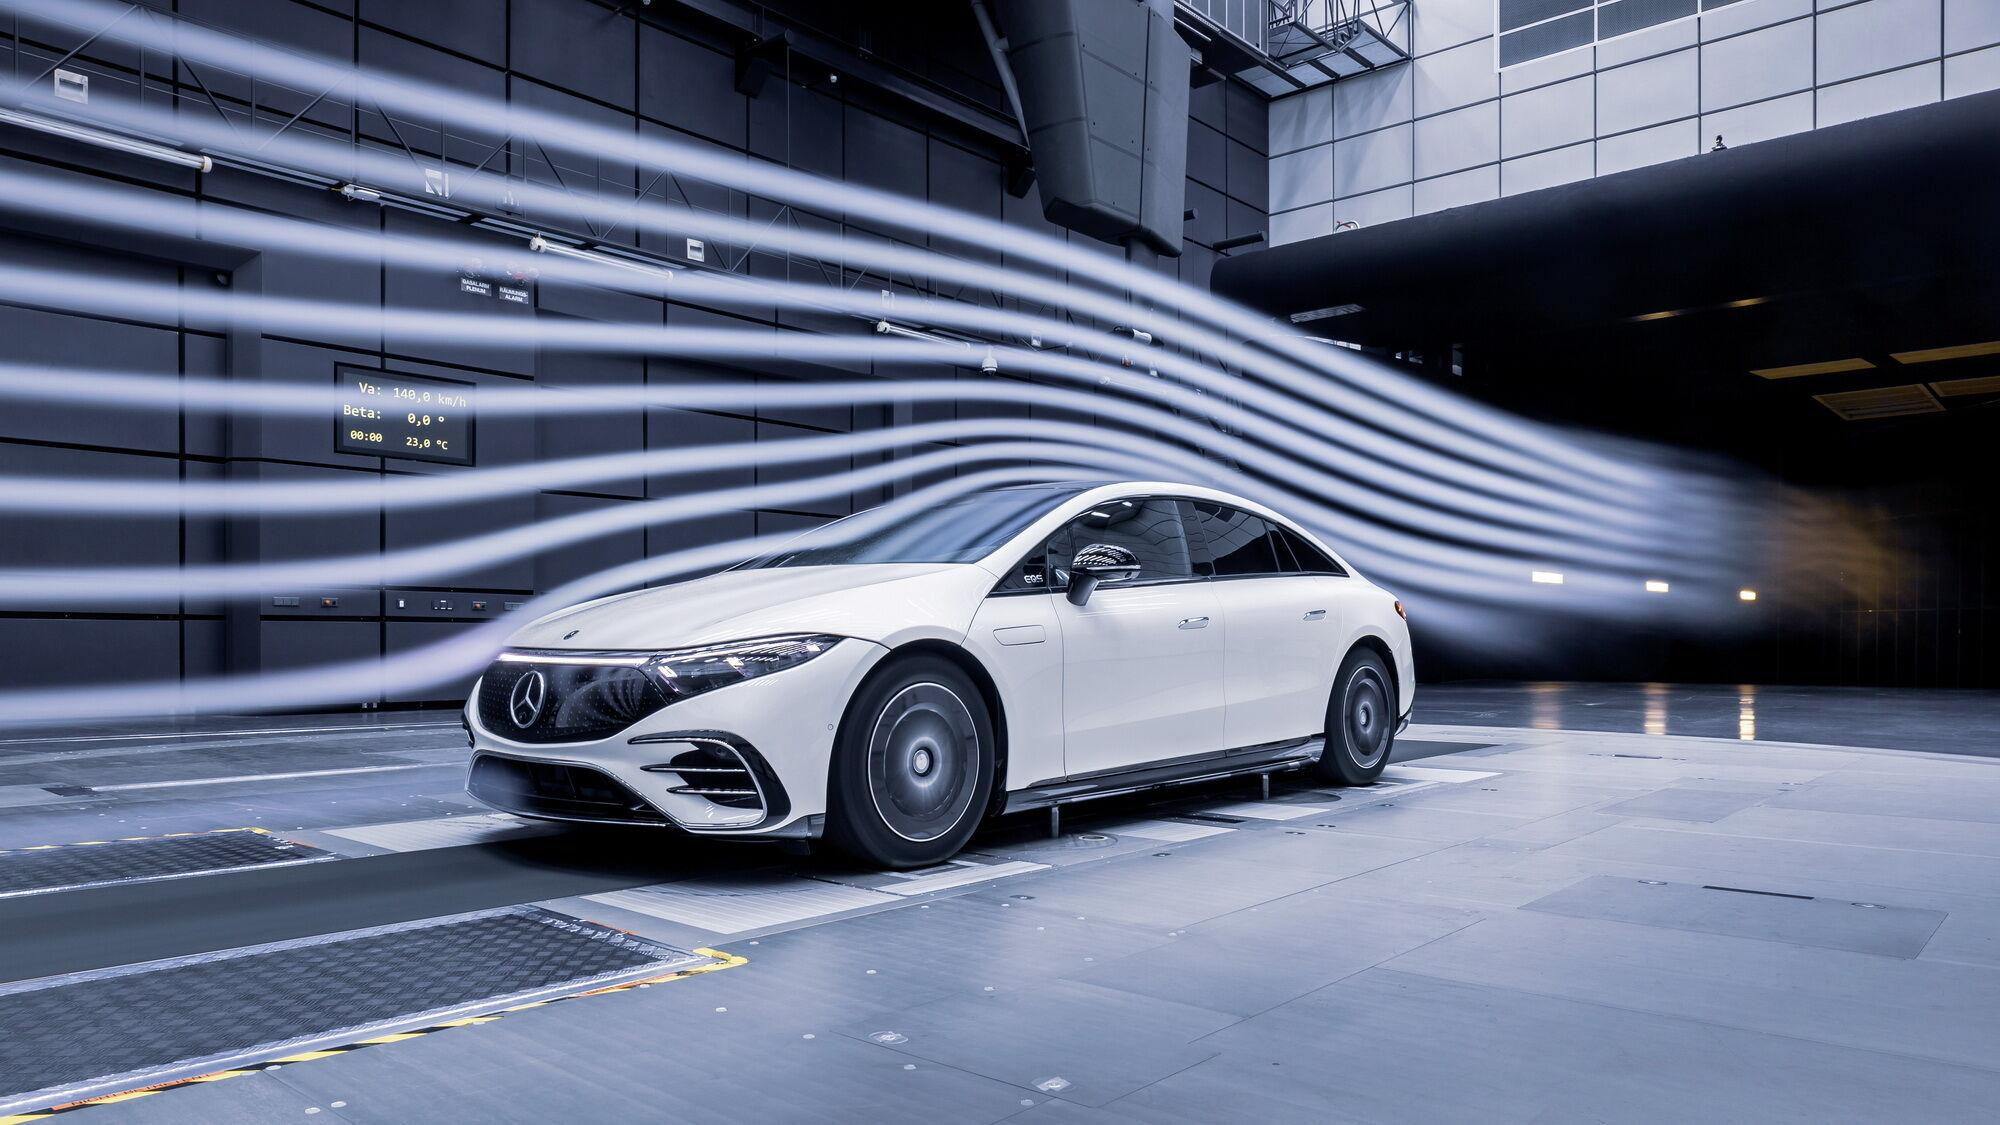 Обтічний кузов має рекордно низький серед серійних автомобілів показник опору повітрю cd – 0.20